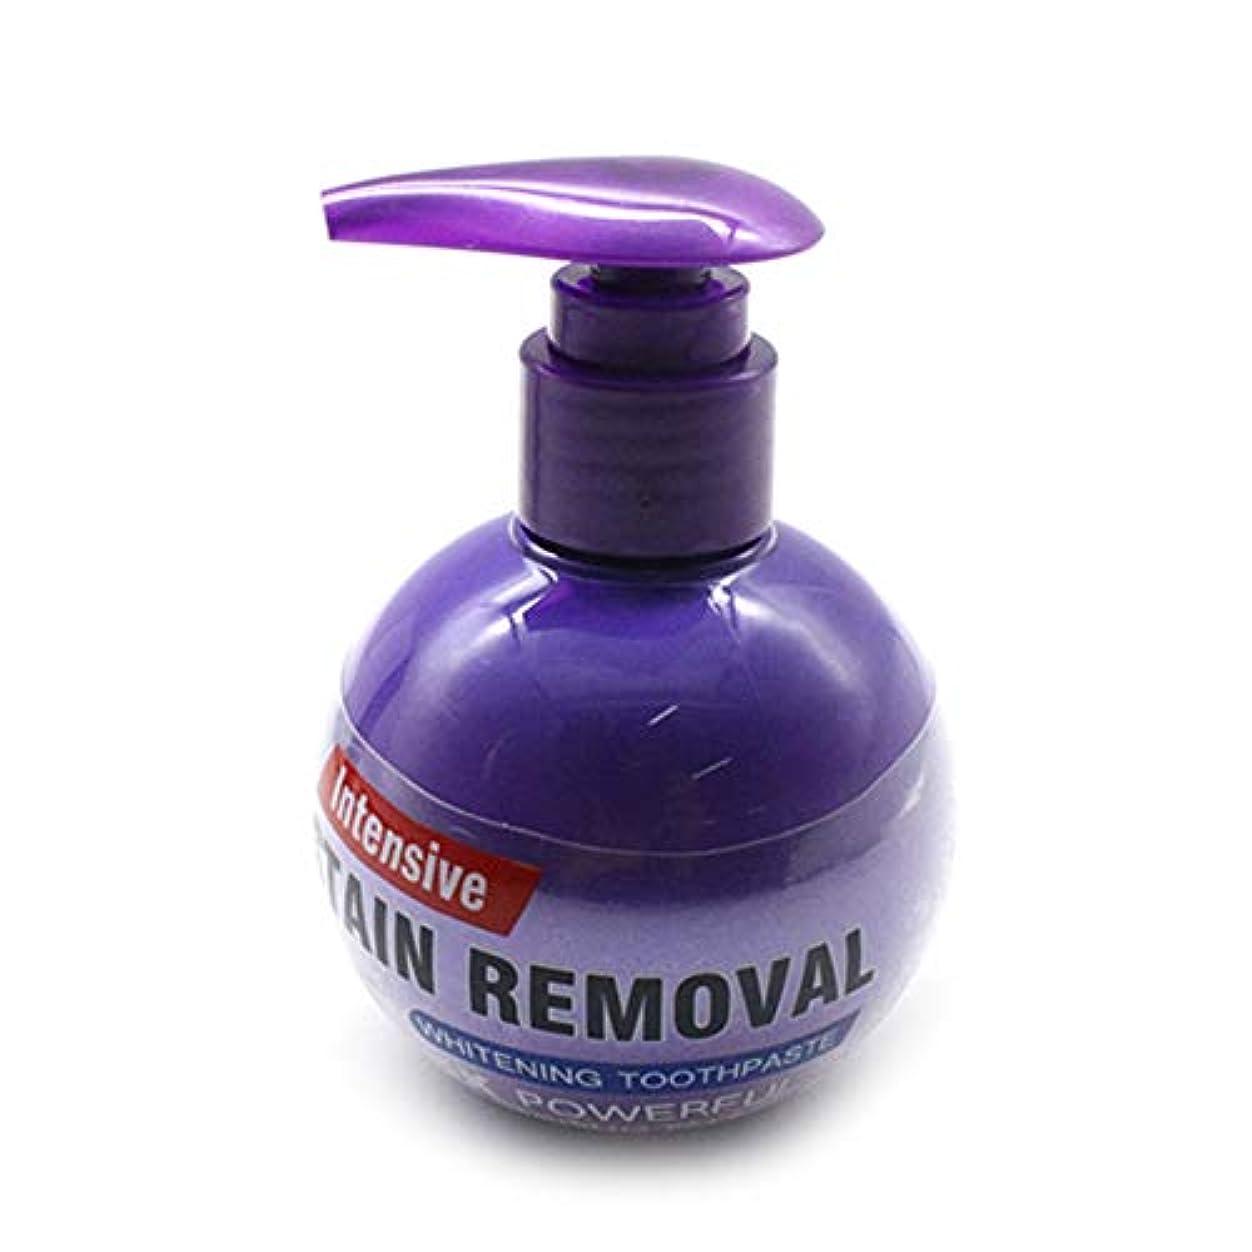 スペクトラム飼料悪因子Beaurtty強力な洗剤、新しい歯磨き粉の美白、抗出血ガム、歯磨き粉、歯